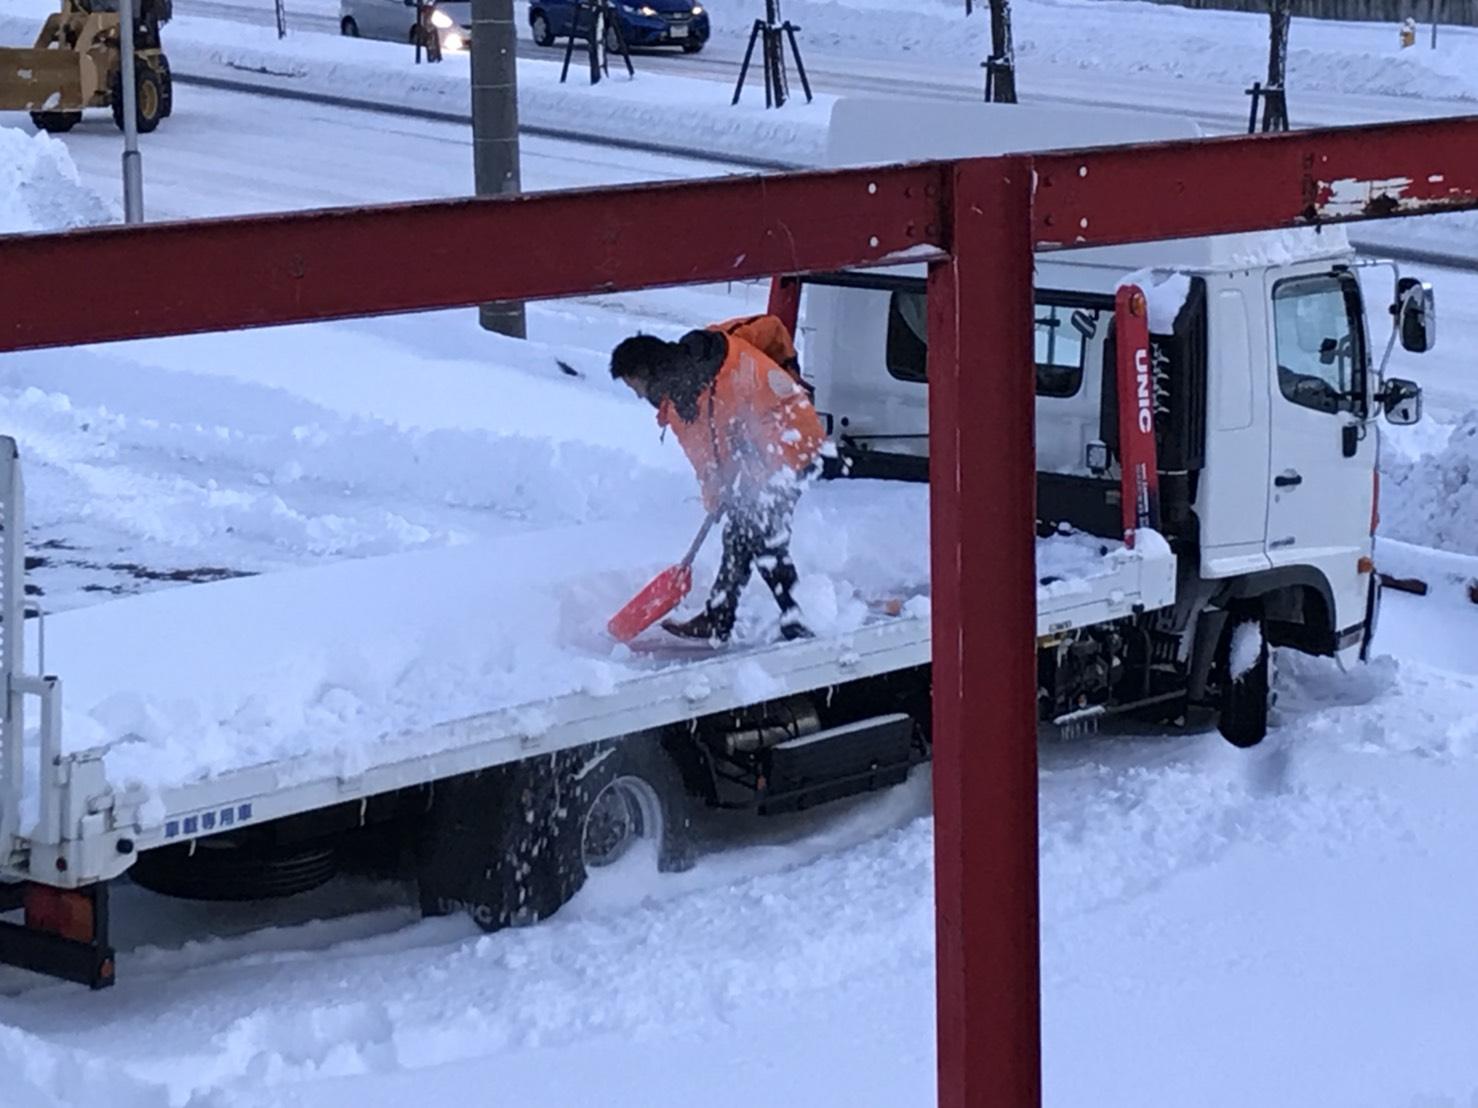 12月6日 水曜日のひとログ(。・Д・)ゞ 除雪車リース承り〼★ご相談もお気軽に!TOMMY_b0127002_17403742.jpg